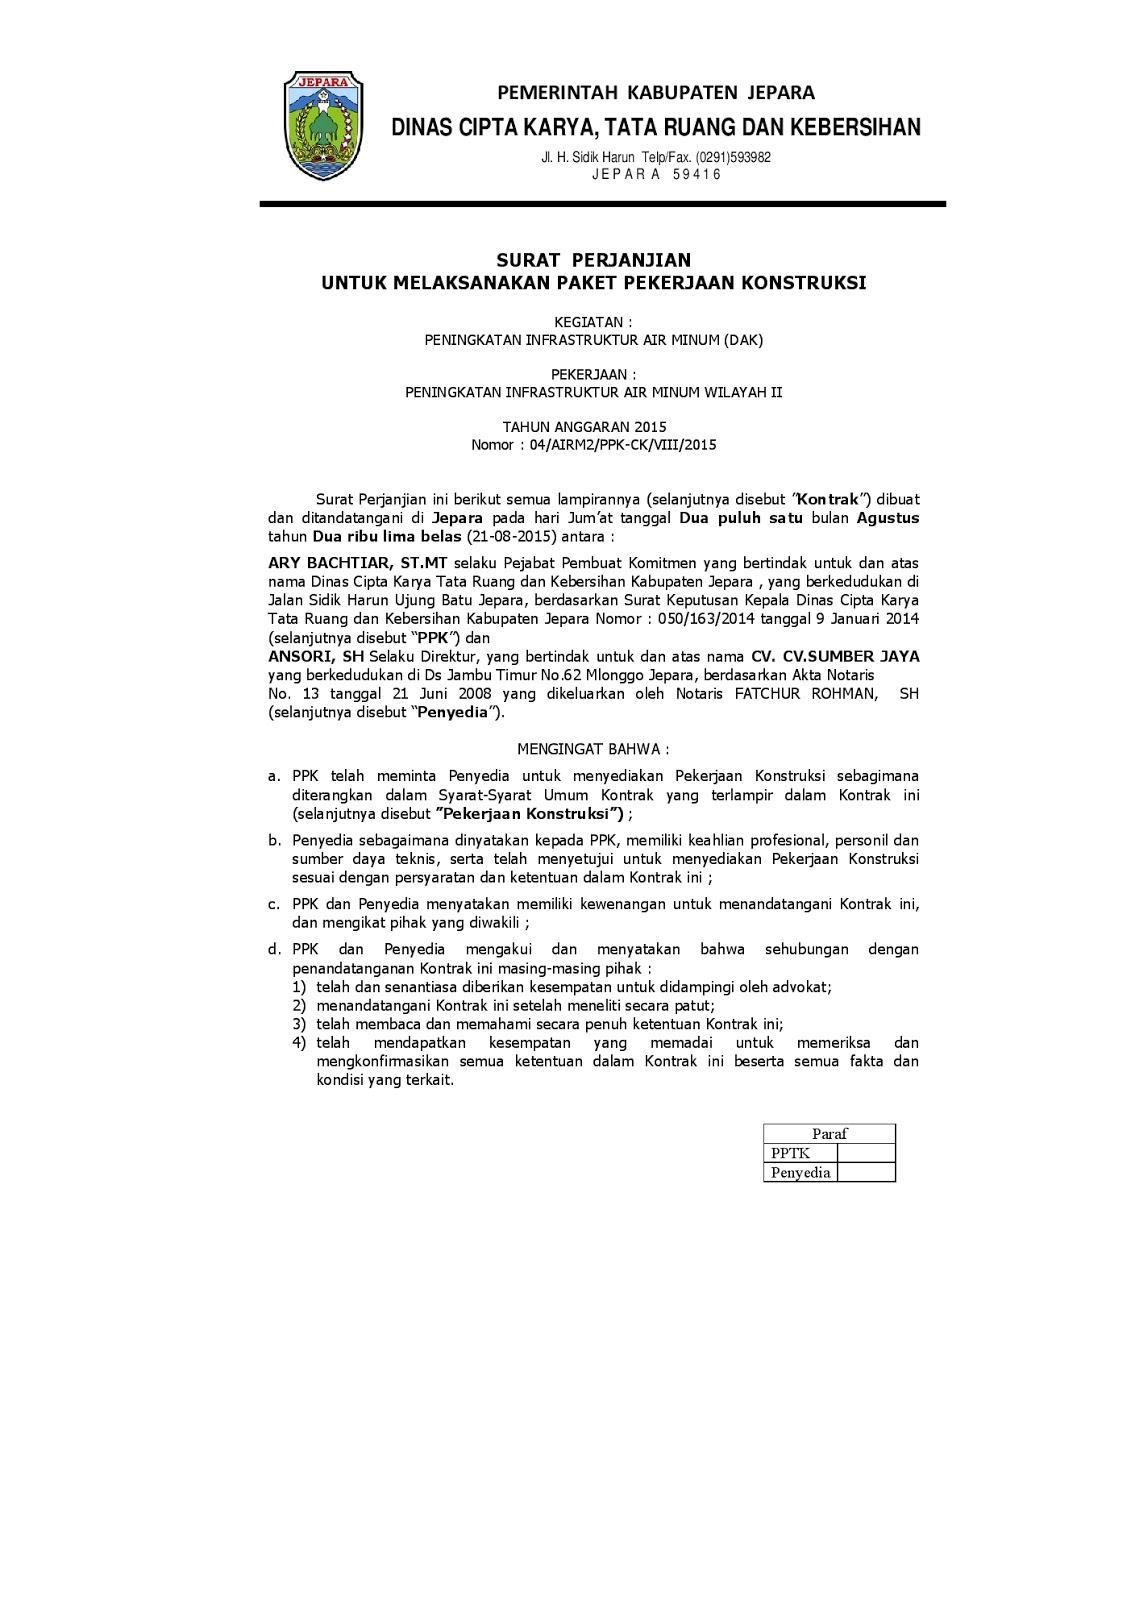 Contoh Surat Perjanjian Kontrak Kerja Konstruksi Amihead